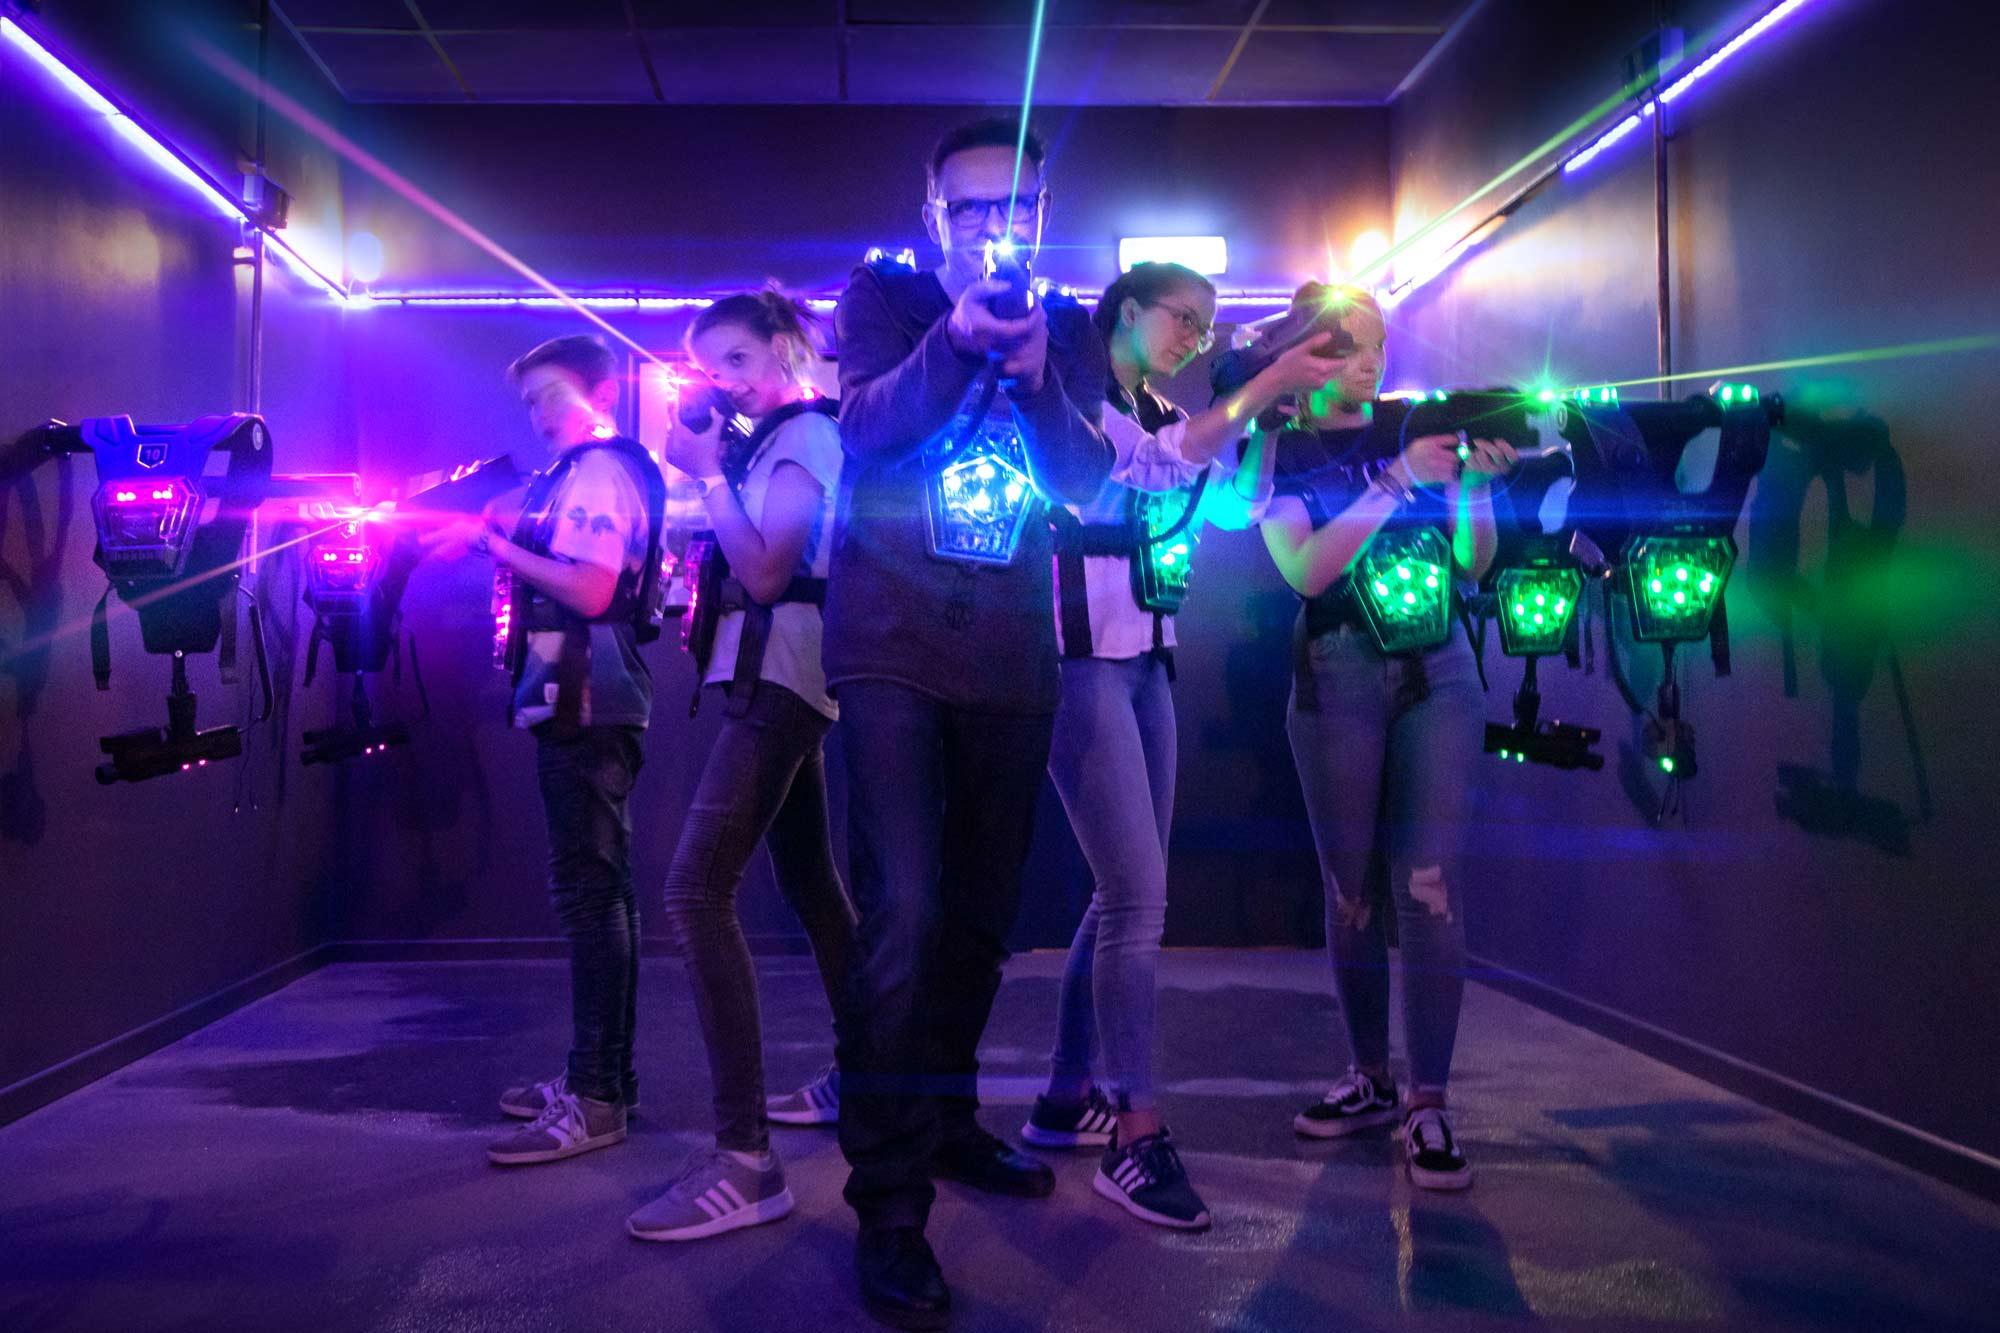 Vorbereitung für das Lasertag-Spiel